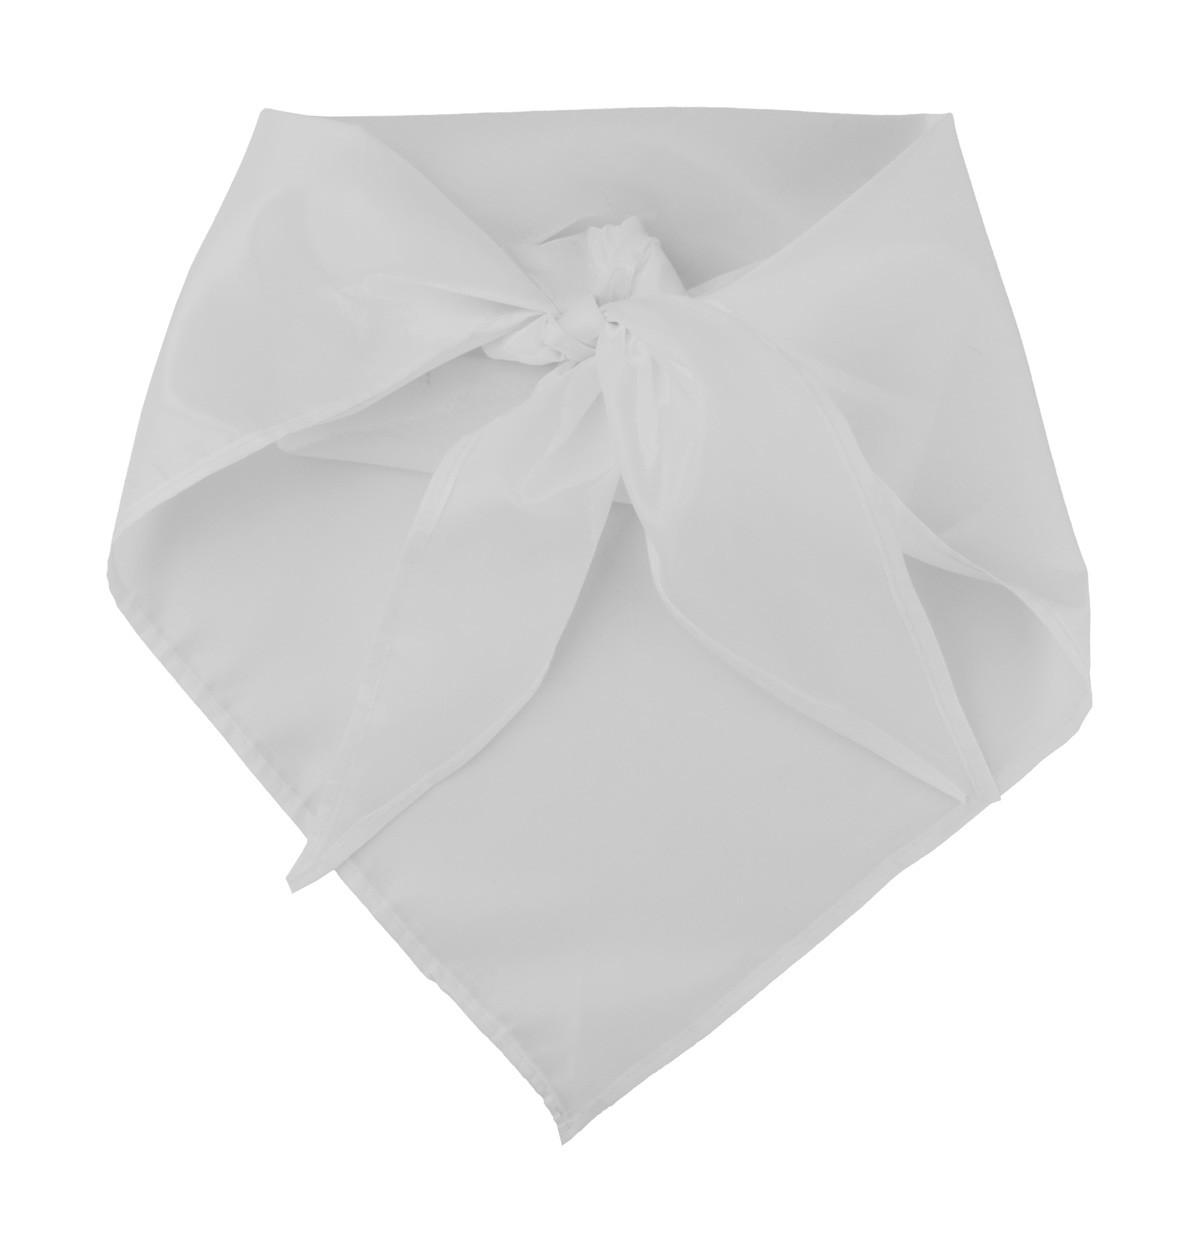 Šátek Plus - Bílá